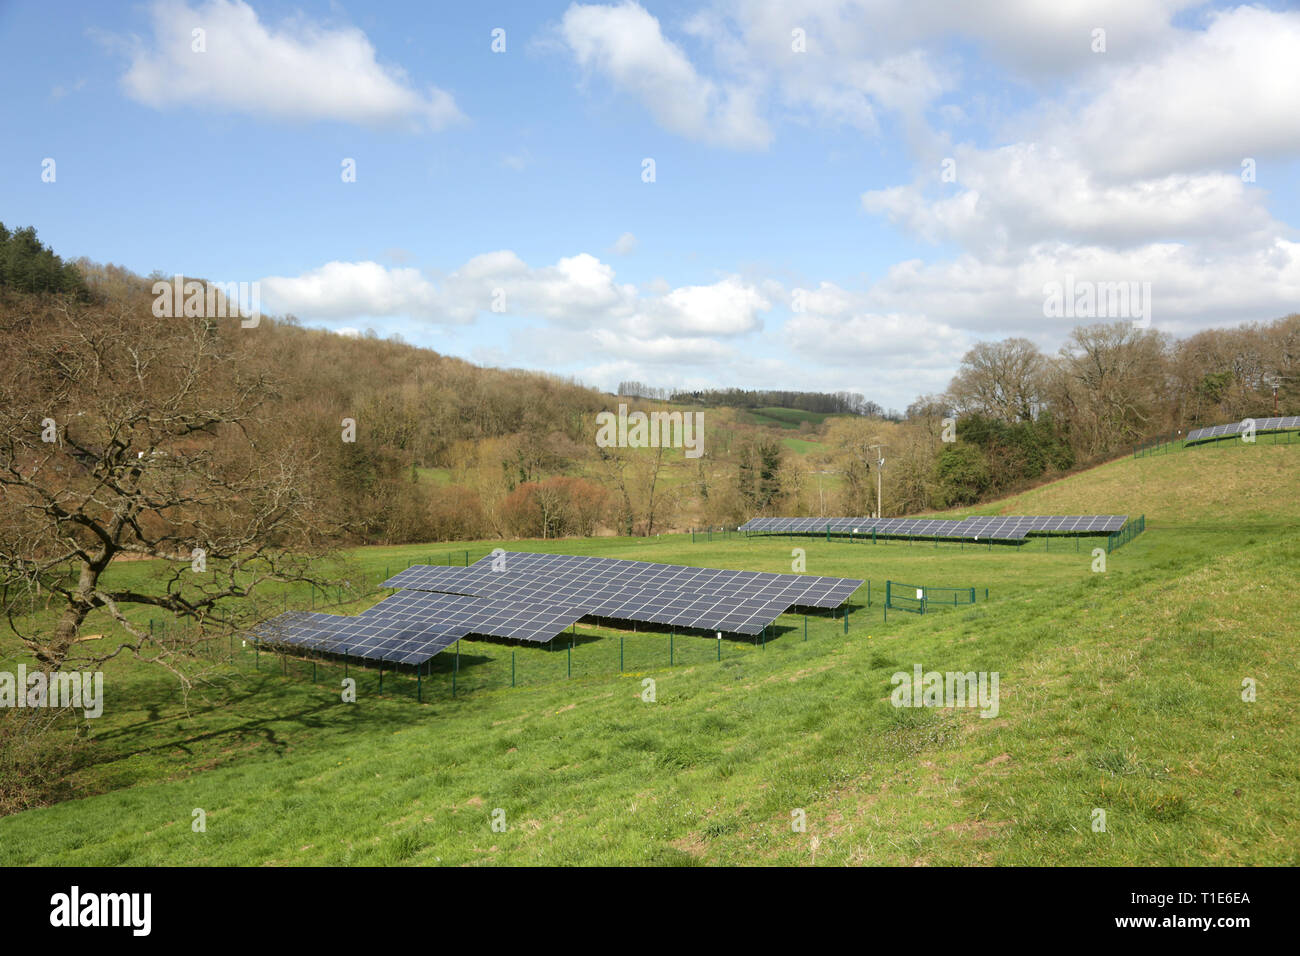 Paneles solares en la campiña británica. Imagen De Stock